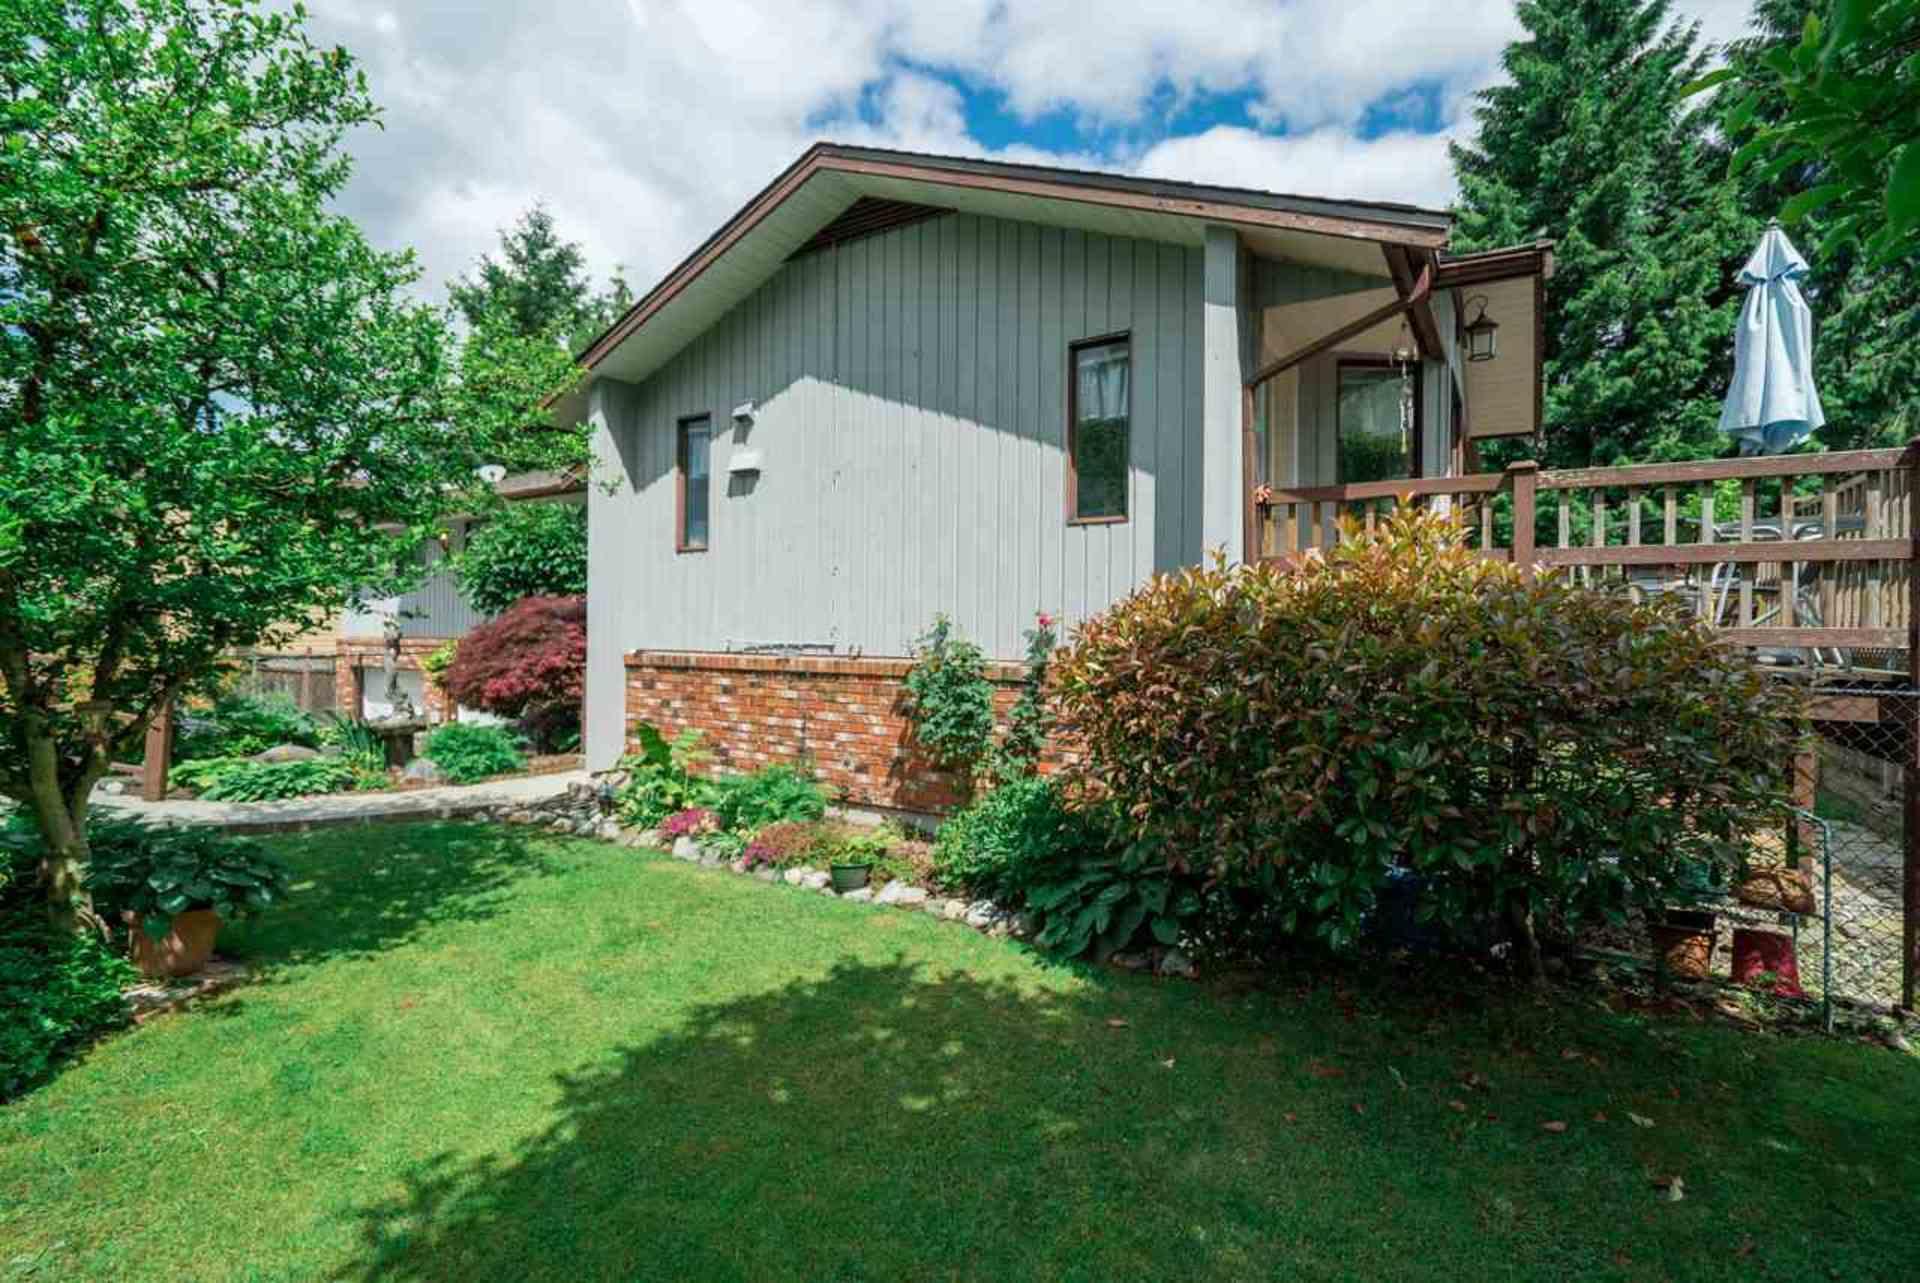 20311-123b-avenue-northwest-maple-ridge-maple-ridge-16 at 20311 123b Avenue, Northwest Maple Ridge, Maple Ridge